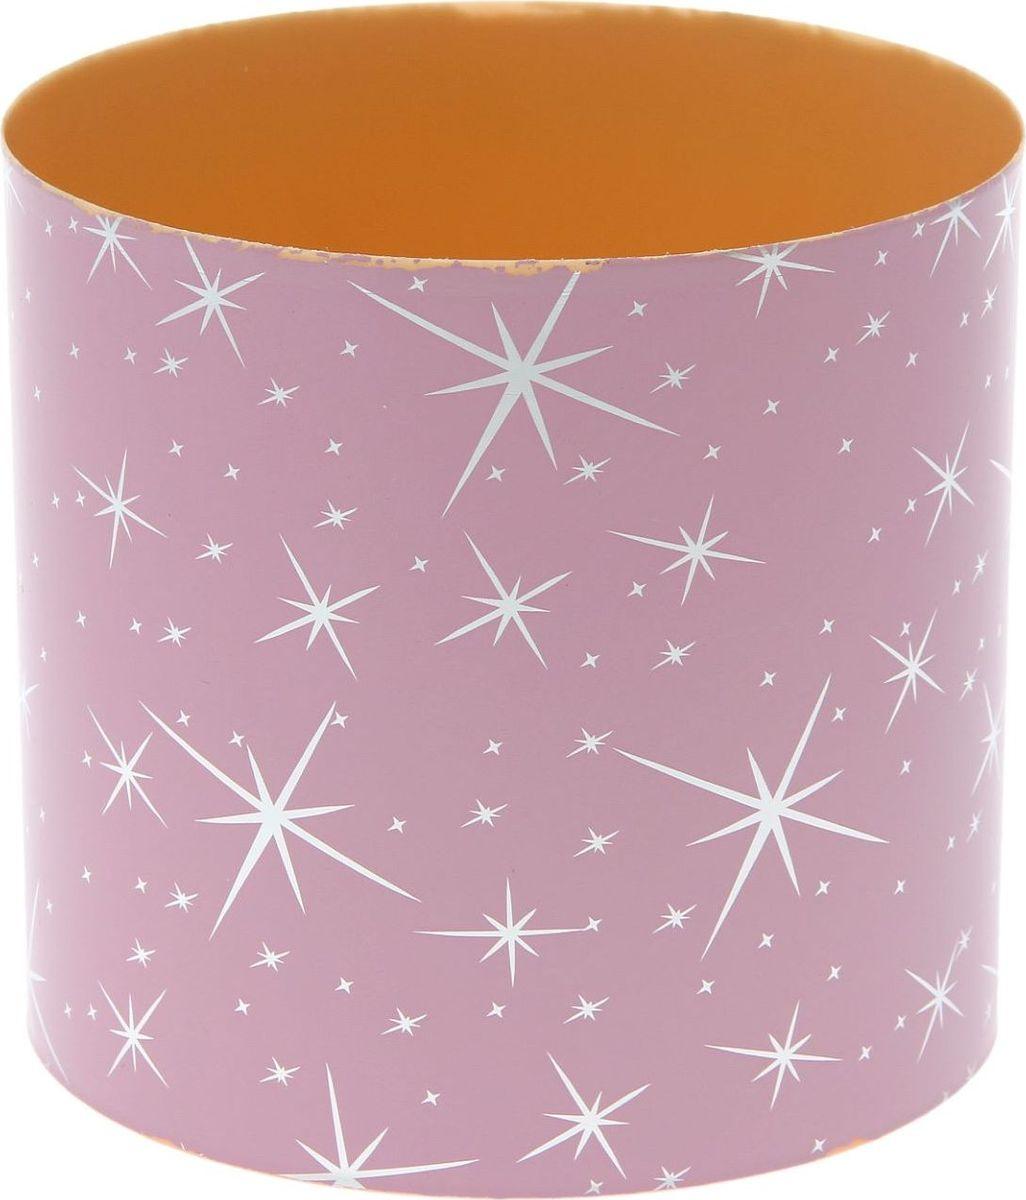 Горшок для цветов Simple Garden Звезды, со скрытым поддоном, цвет: розовый металлик, 5,1 л1915384Любой, даже самый современный и продуманный интерьер будет незавершенным без растений. Они не только очищают воздух и насыщают его кислородом, но и украшают окружающее пространство. Такому полезному члену семьи просто необходим красивый и функциональный дом! Оптимальный выбор материала — пластмасса! Почему мы так считаем? Малый вес. С легкостью переносите горшки и кашпо с места на место, ставьте их на столики или полки, не беспокоясь о нагрузке. Простота ухода. Кашпо не нуждается в специальных условиях хранения. Его легко чистить — достаточно просто сполоснуть теплой водой. Никаких потертостей. Такие кашпо не царапают и не загрязняют поверхности, на которых стоят. Пластик дольше хранит влагу, а значит, растение реже нуждается в поливе. Пластмасса не пропускает воздух — корневой системе растения не грозят резкие перепады температур. Огромный выбор форм, декора и расцветок — вы без труда найдете что-то, что идеально впишется в уже существующий интерьер. Соблюдая нехитрые правила ухода, вы можете заметно продлить срок службы горшков и кашпо из пластика: всегда учитывайте размер кроны и корневой системы (при разрастании большое растение способно повредить маленький горшок) берегите изделие от воздействия прямых солнечных лучей, чтобы горшки не выцветали держите кашпо из пластика подальше от нагревающихся поверхностей. Создавайте прекрасные цветочные композиции, выращивайте рассаду или необычные растения.